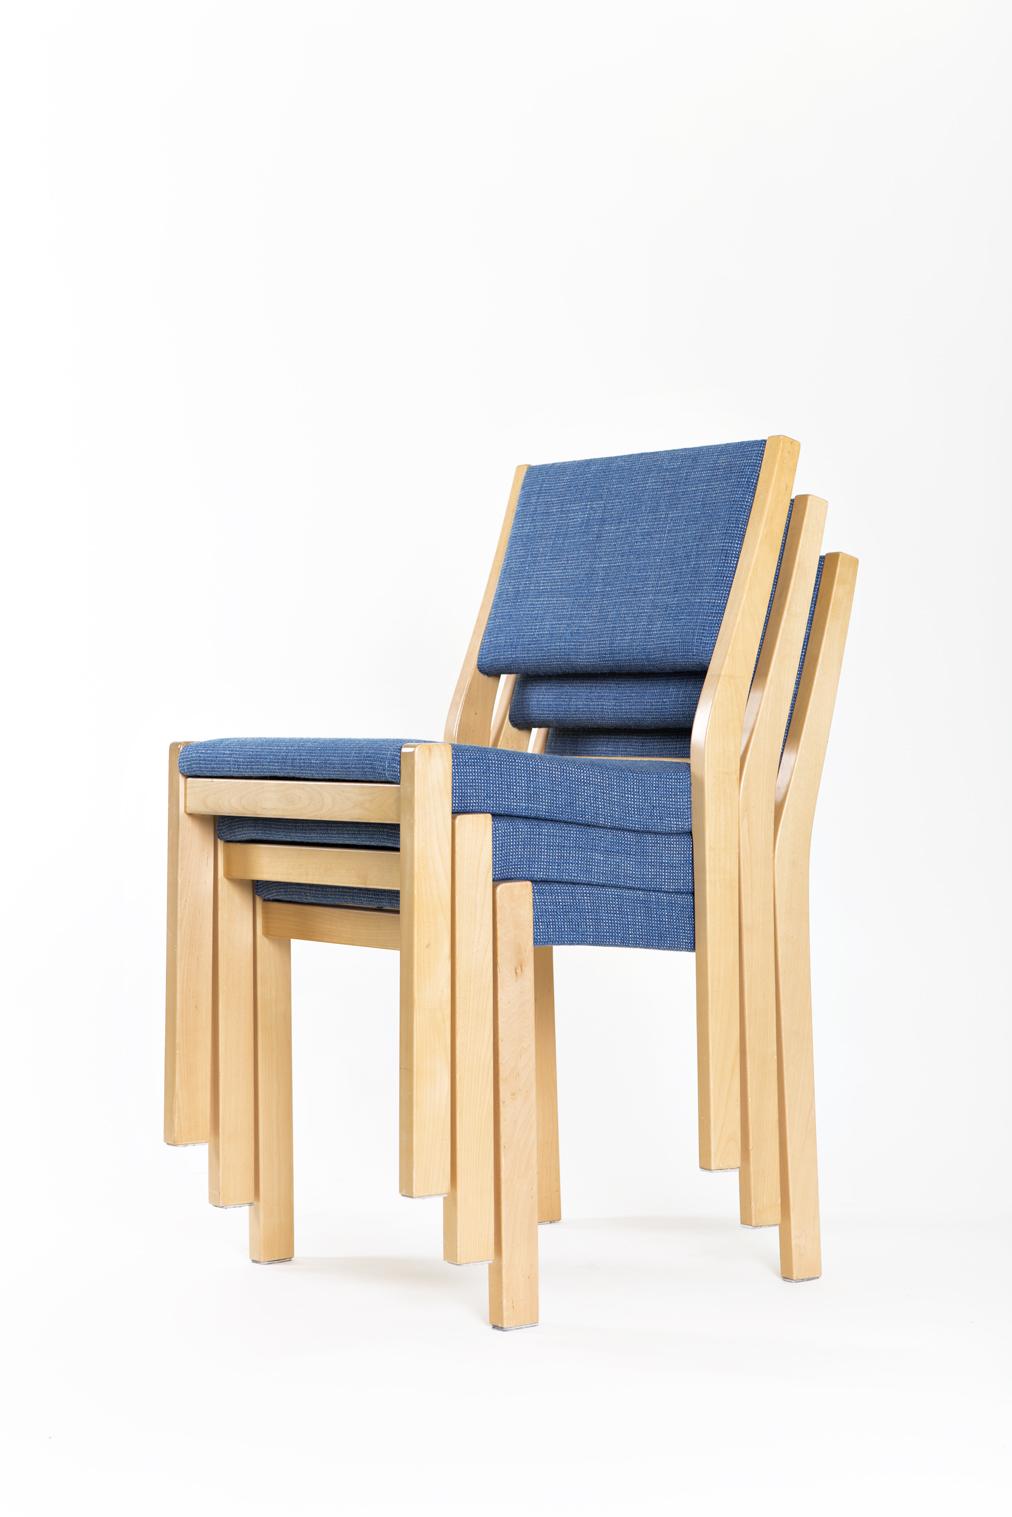 Vanhan vieh tys artek 611 tuolit for Sedia 611 artek